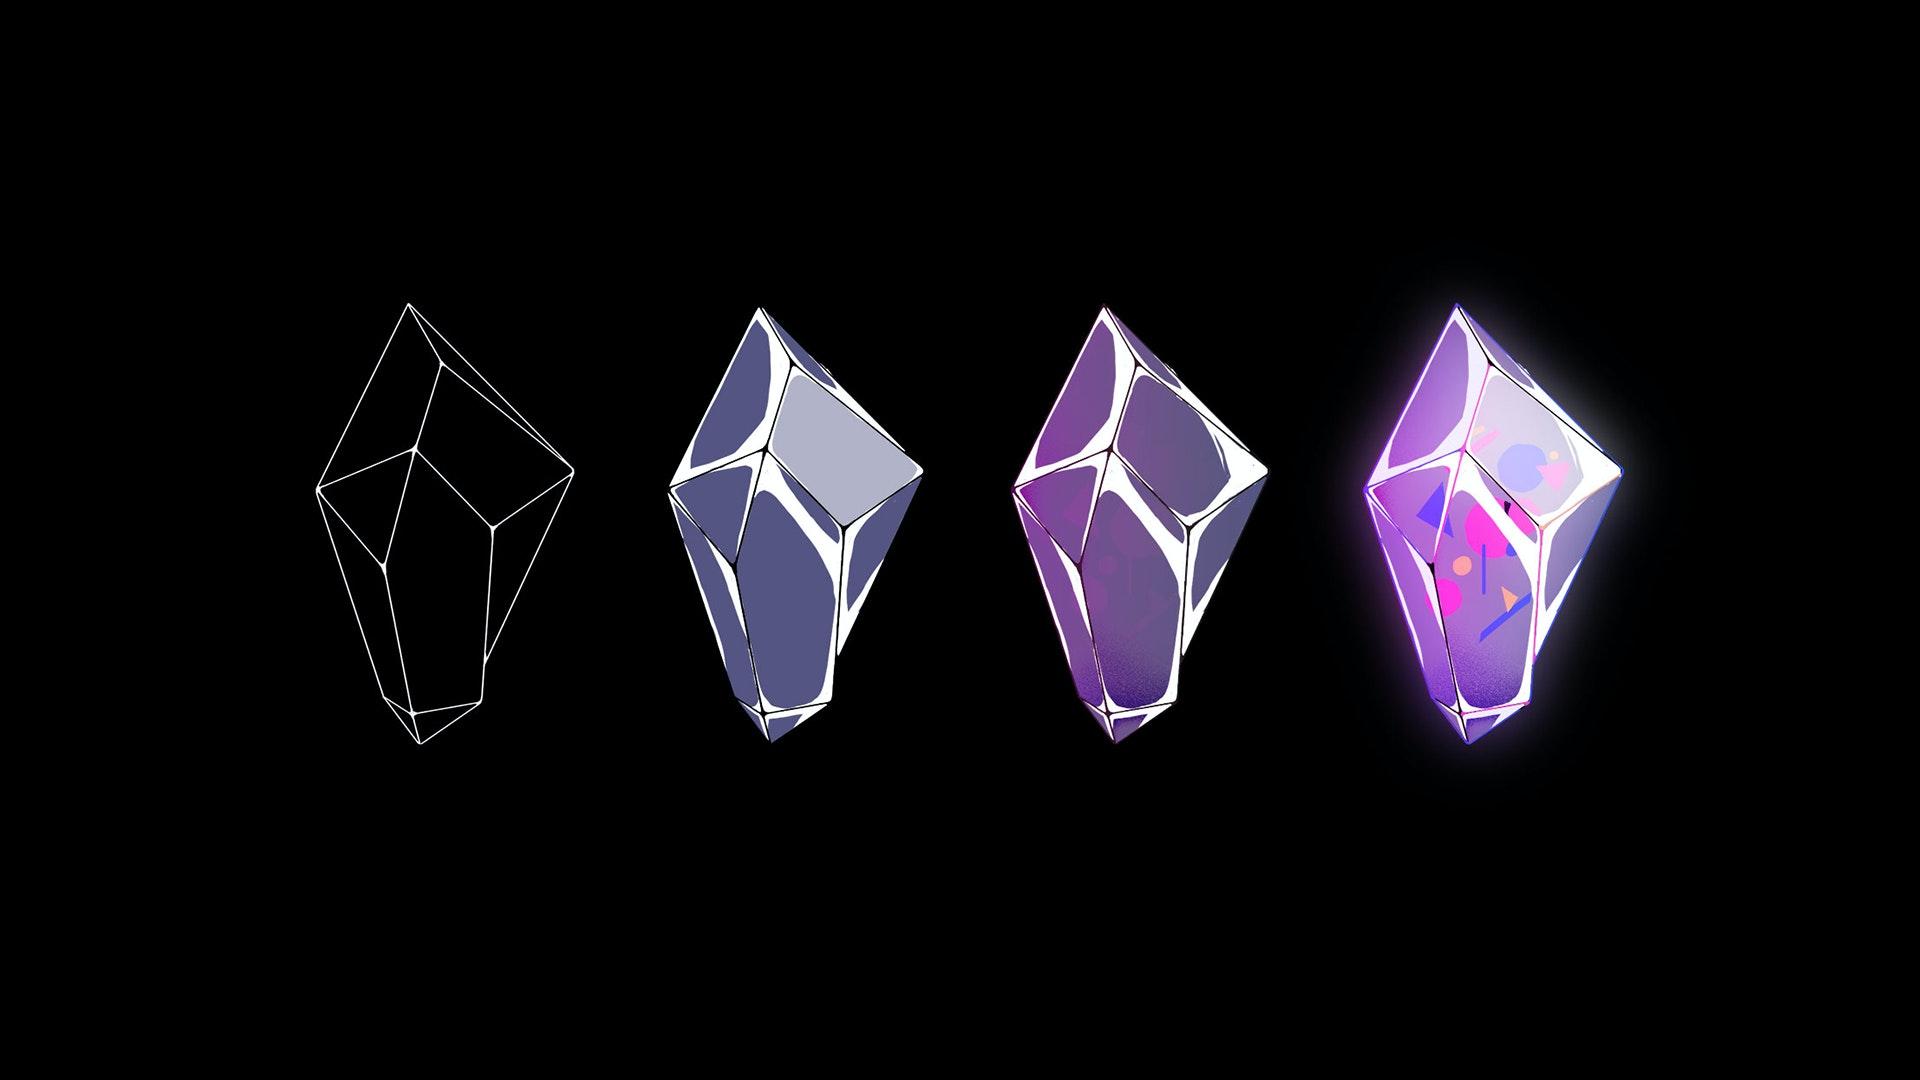 3D magic diamond design